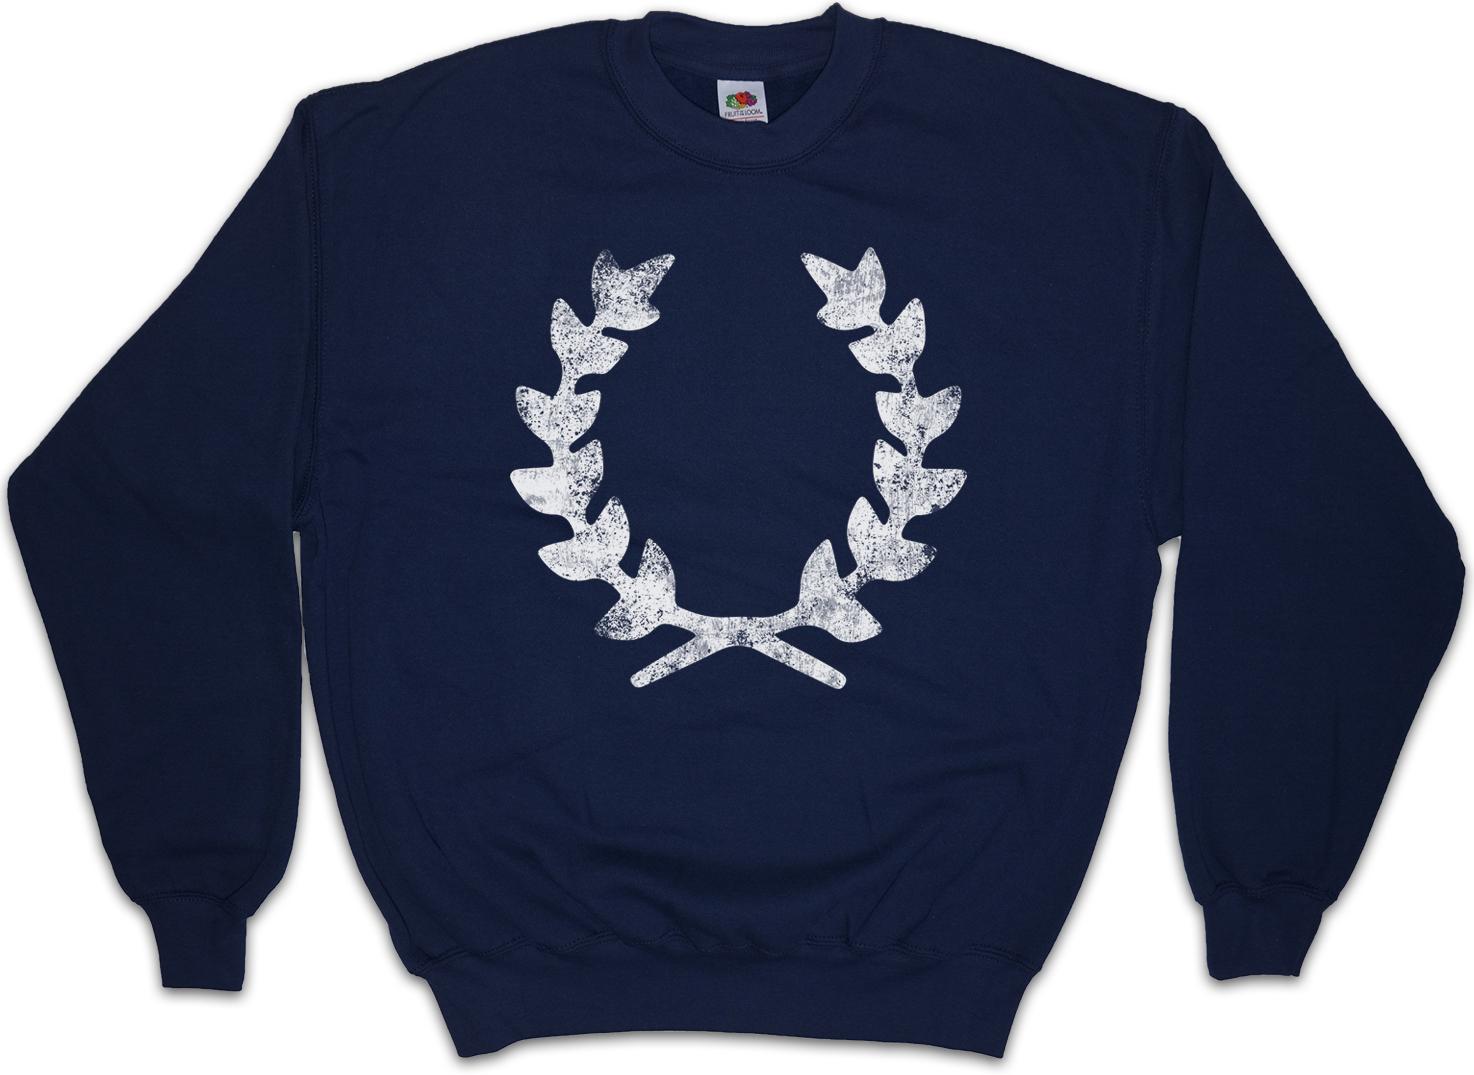 Detalles de Hellenism sign sudadera suéter atenas Esparta símbolo logotipo City helenismo ver título original